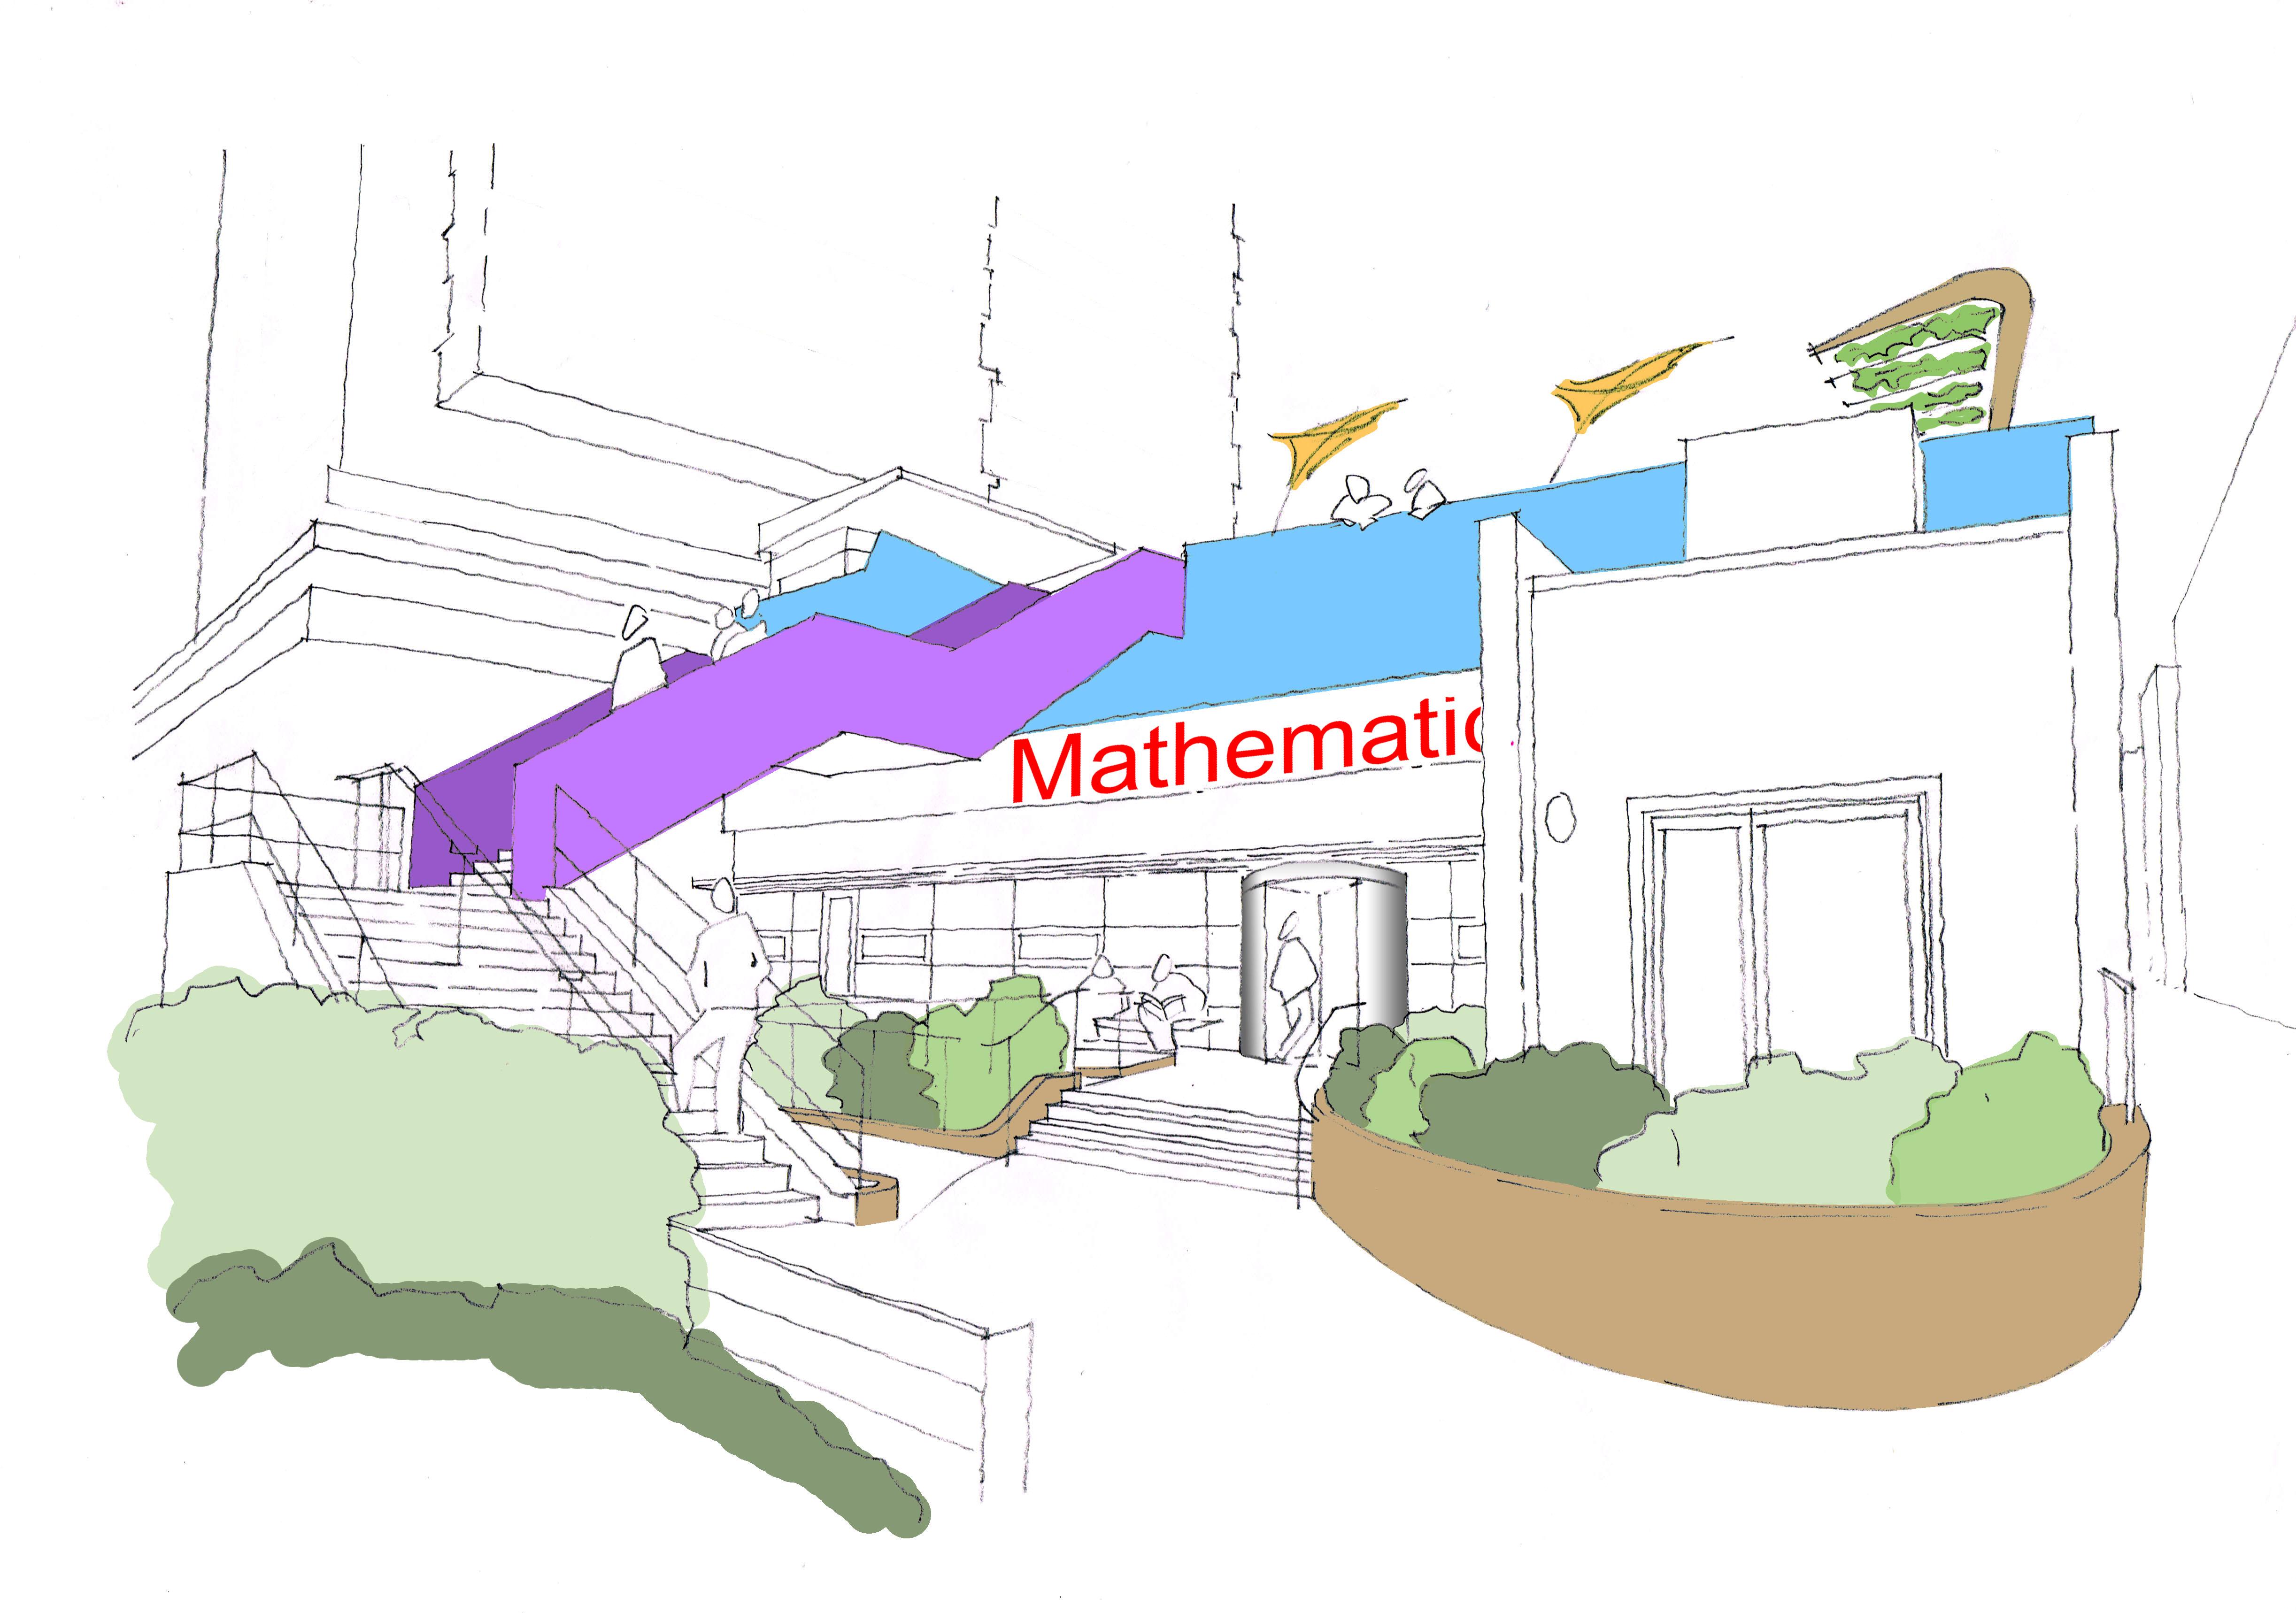 4890x3436 Avenues Ltd Architectural, Landscape Design Project Management